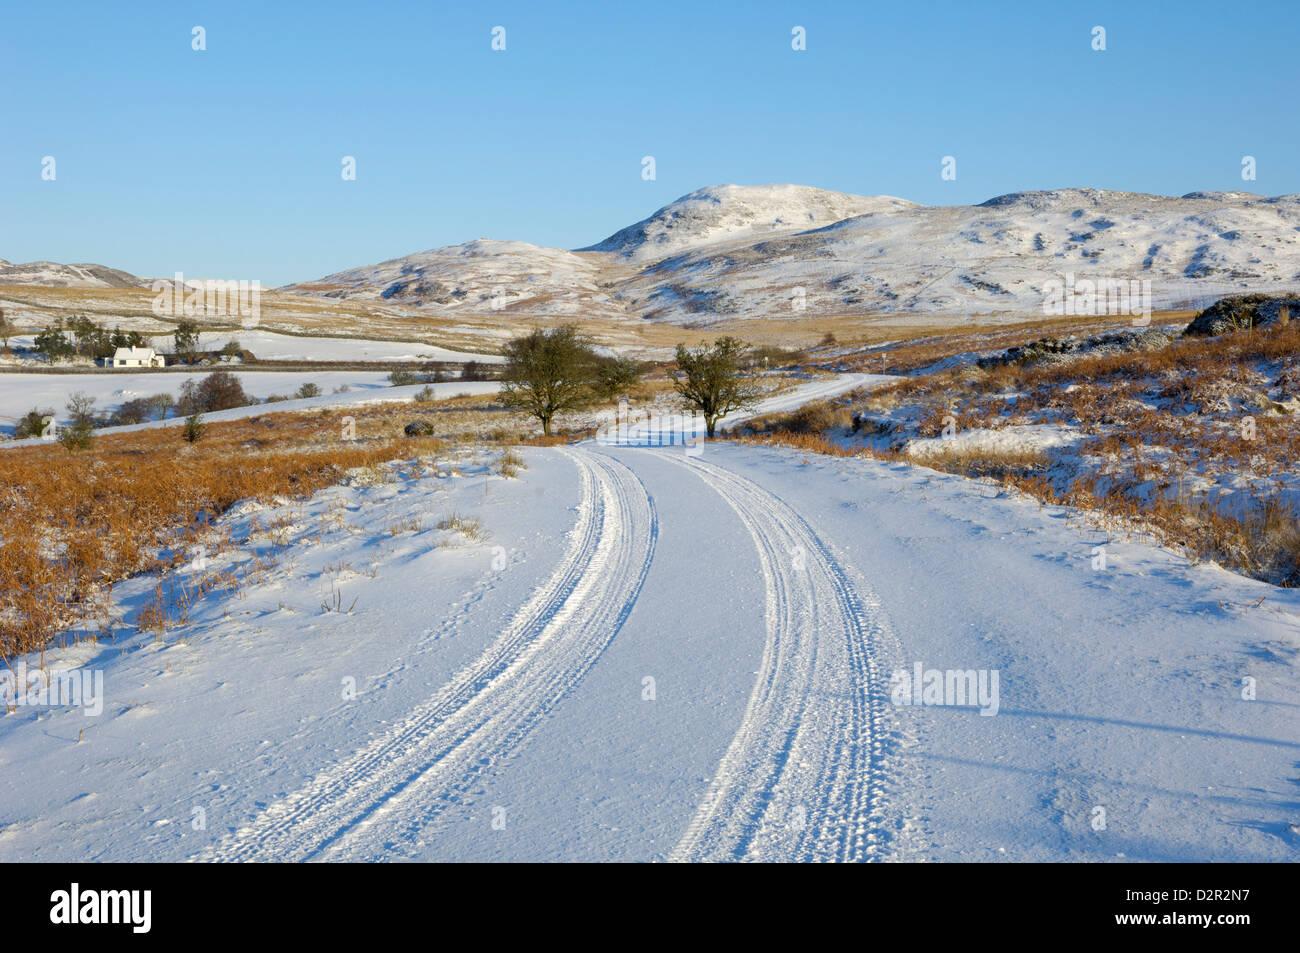 Carretera en invierno la nieve, Dumfries y Galloway, Escocia, Reino Unido, Europa Foto de stock